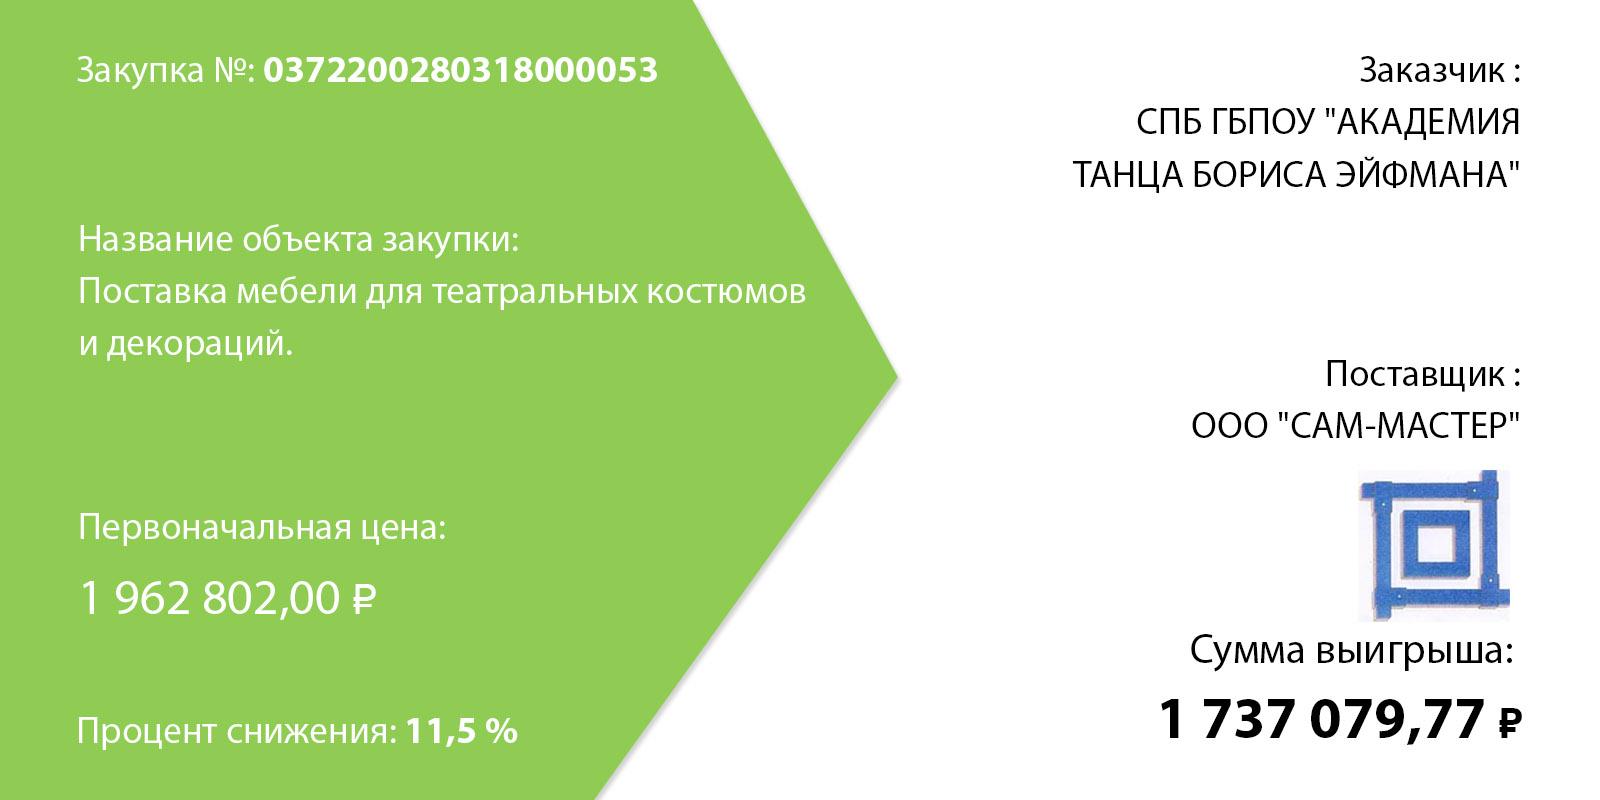 кейсы-сам-мастер 1737079